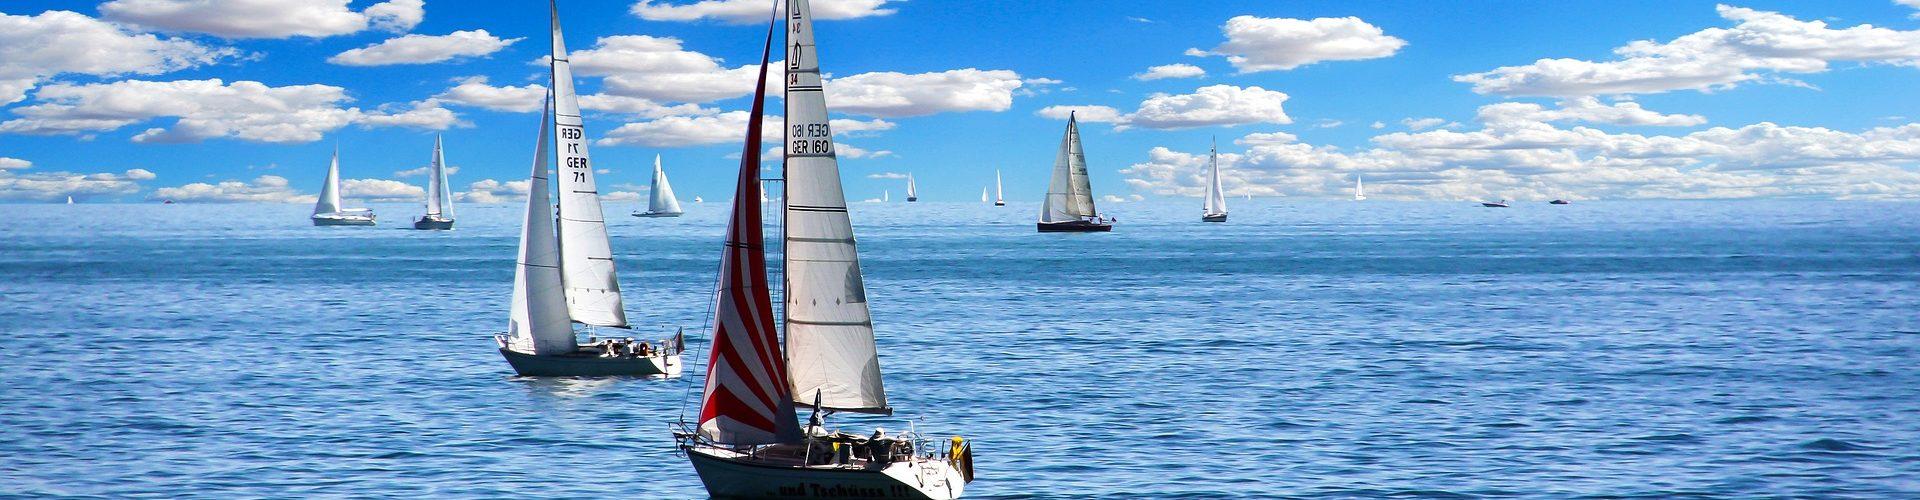 segeln lernen in Rheinmünster segelschein machen in Rheinmünster 1920x500 - Segeln lernen in Rheinmünster